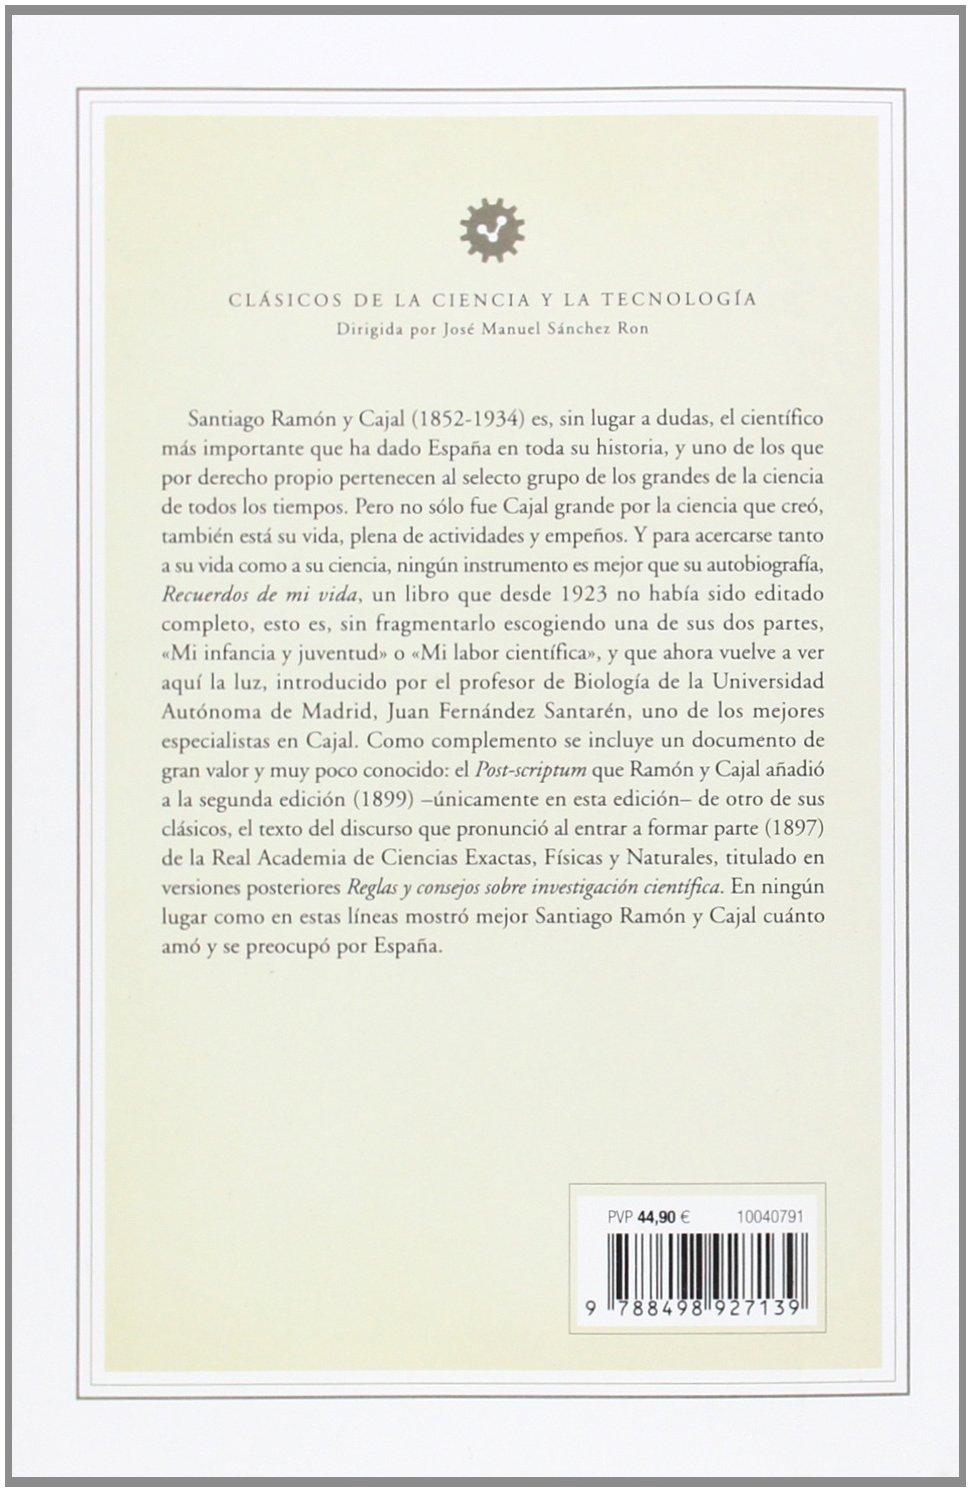 Recuerdos de mi vida: Edición de Juan Fernández Santarén ...